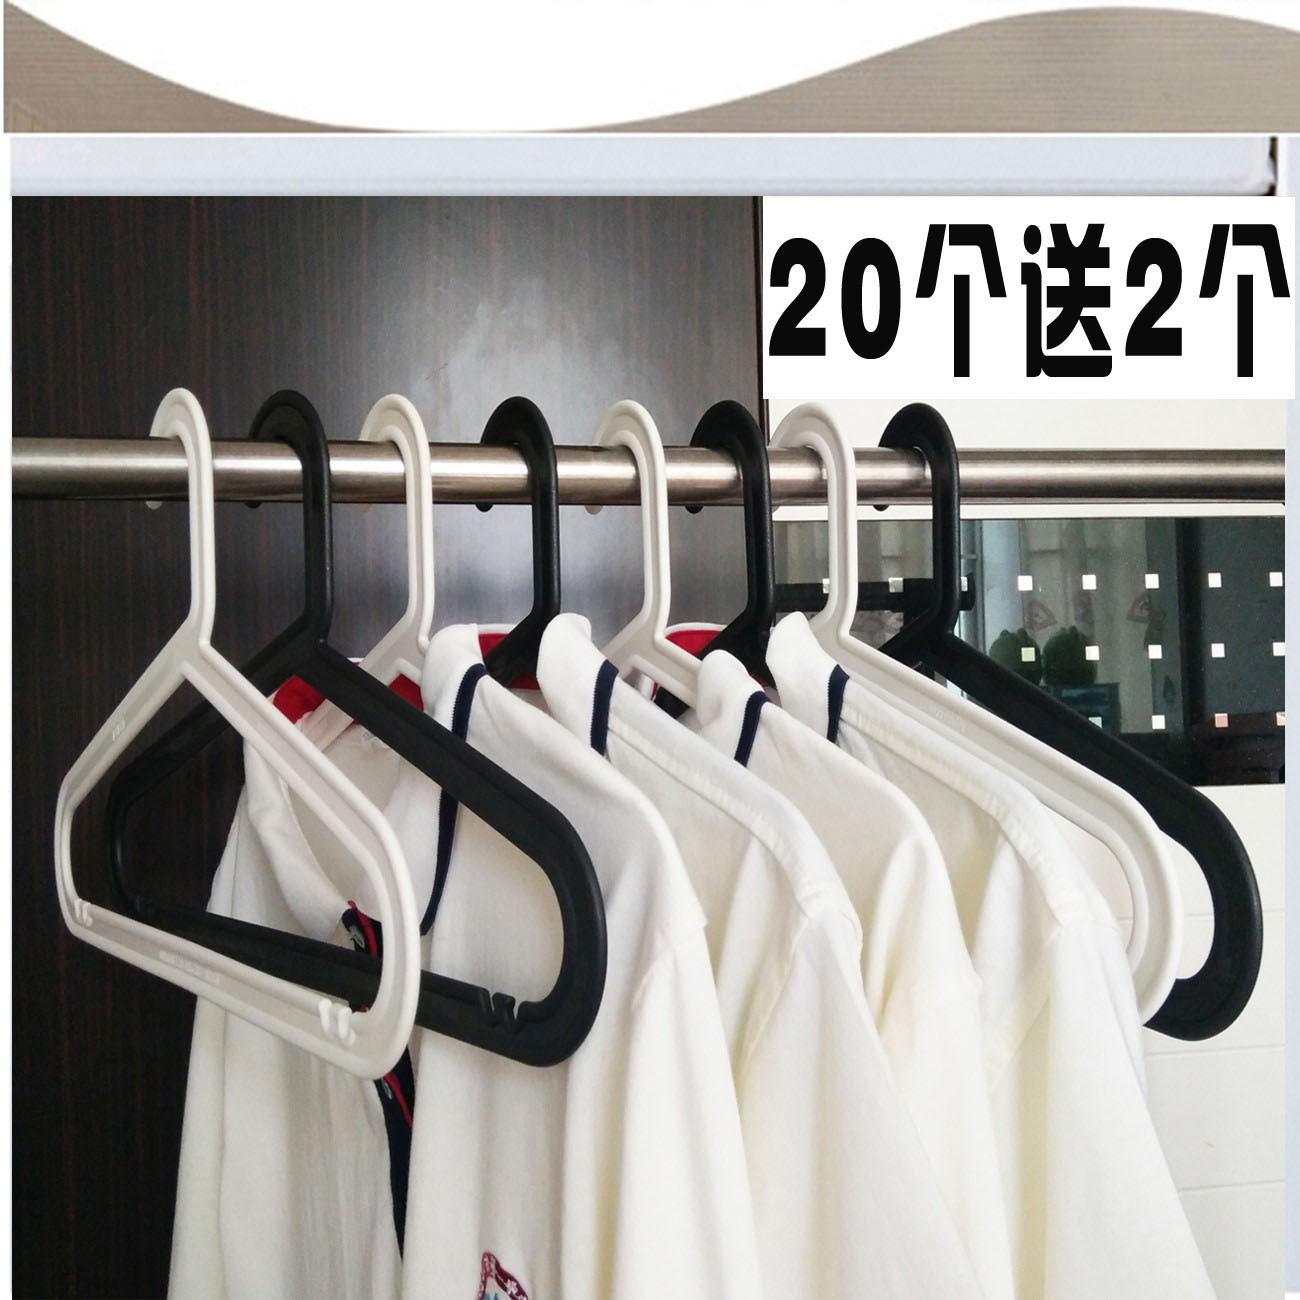 10月21日最新优惠悦享优生活无痕简易防滑晾衣架子黑白晒衣挂塑料宜家用衣架衣撑